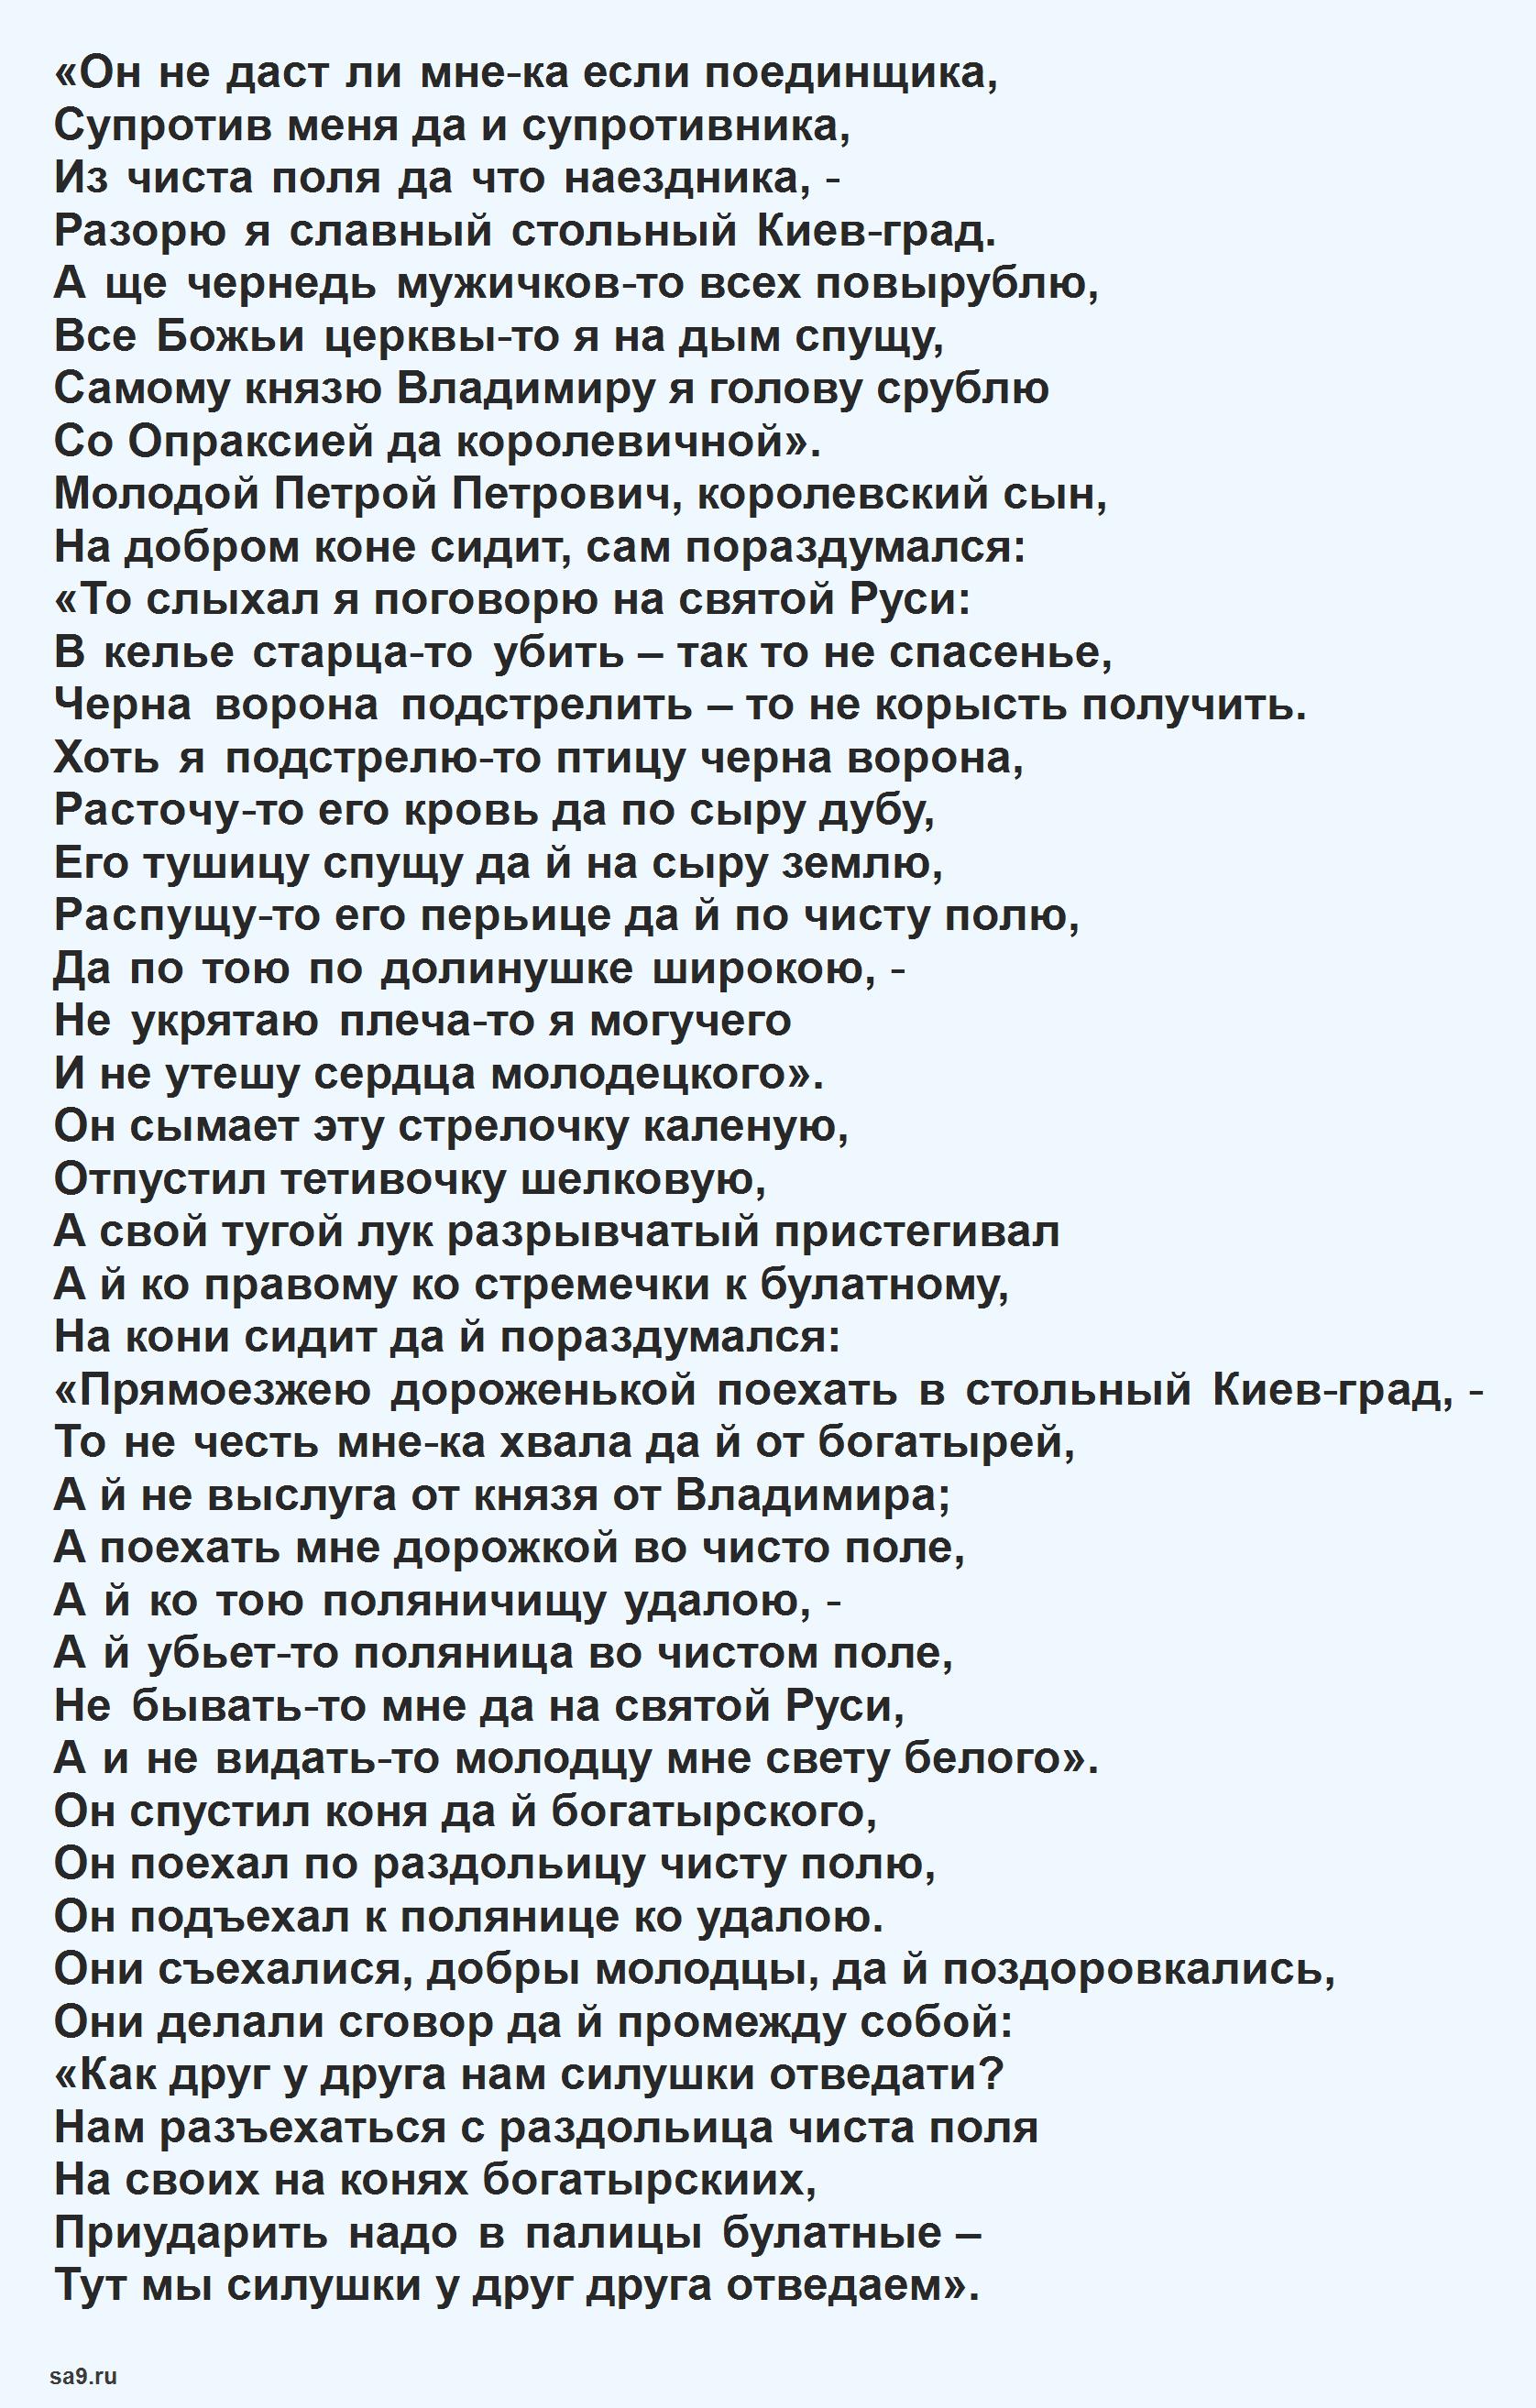 Читать русскую народную былину - Королевичи из Крякова